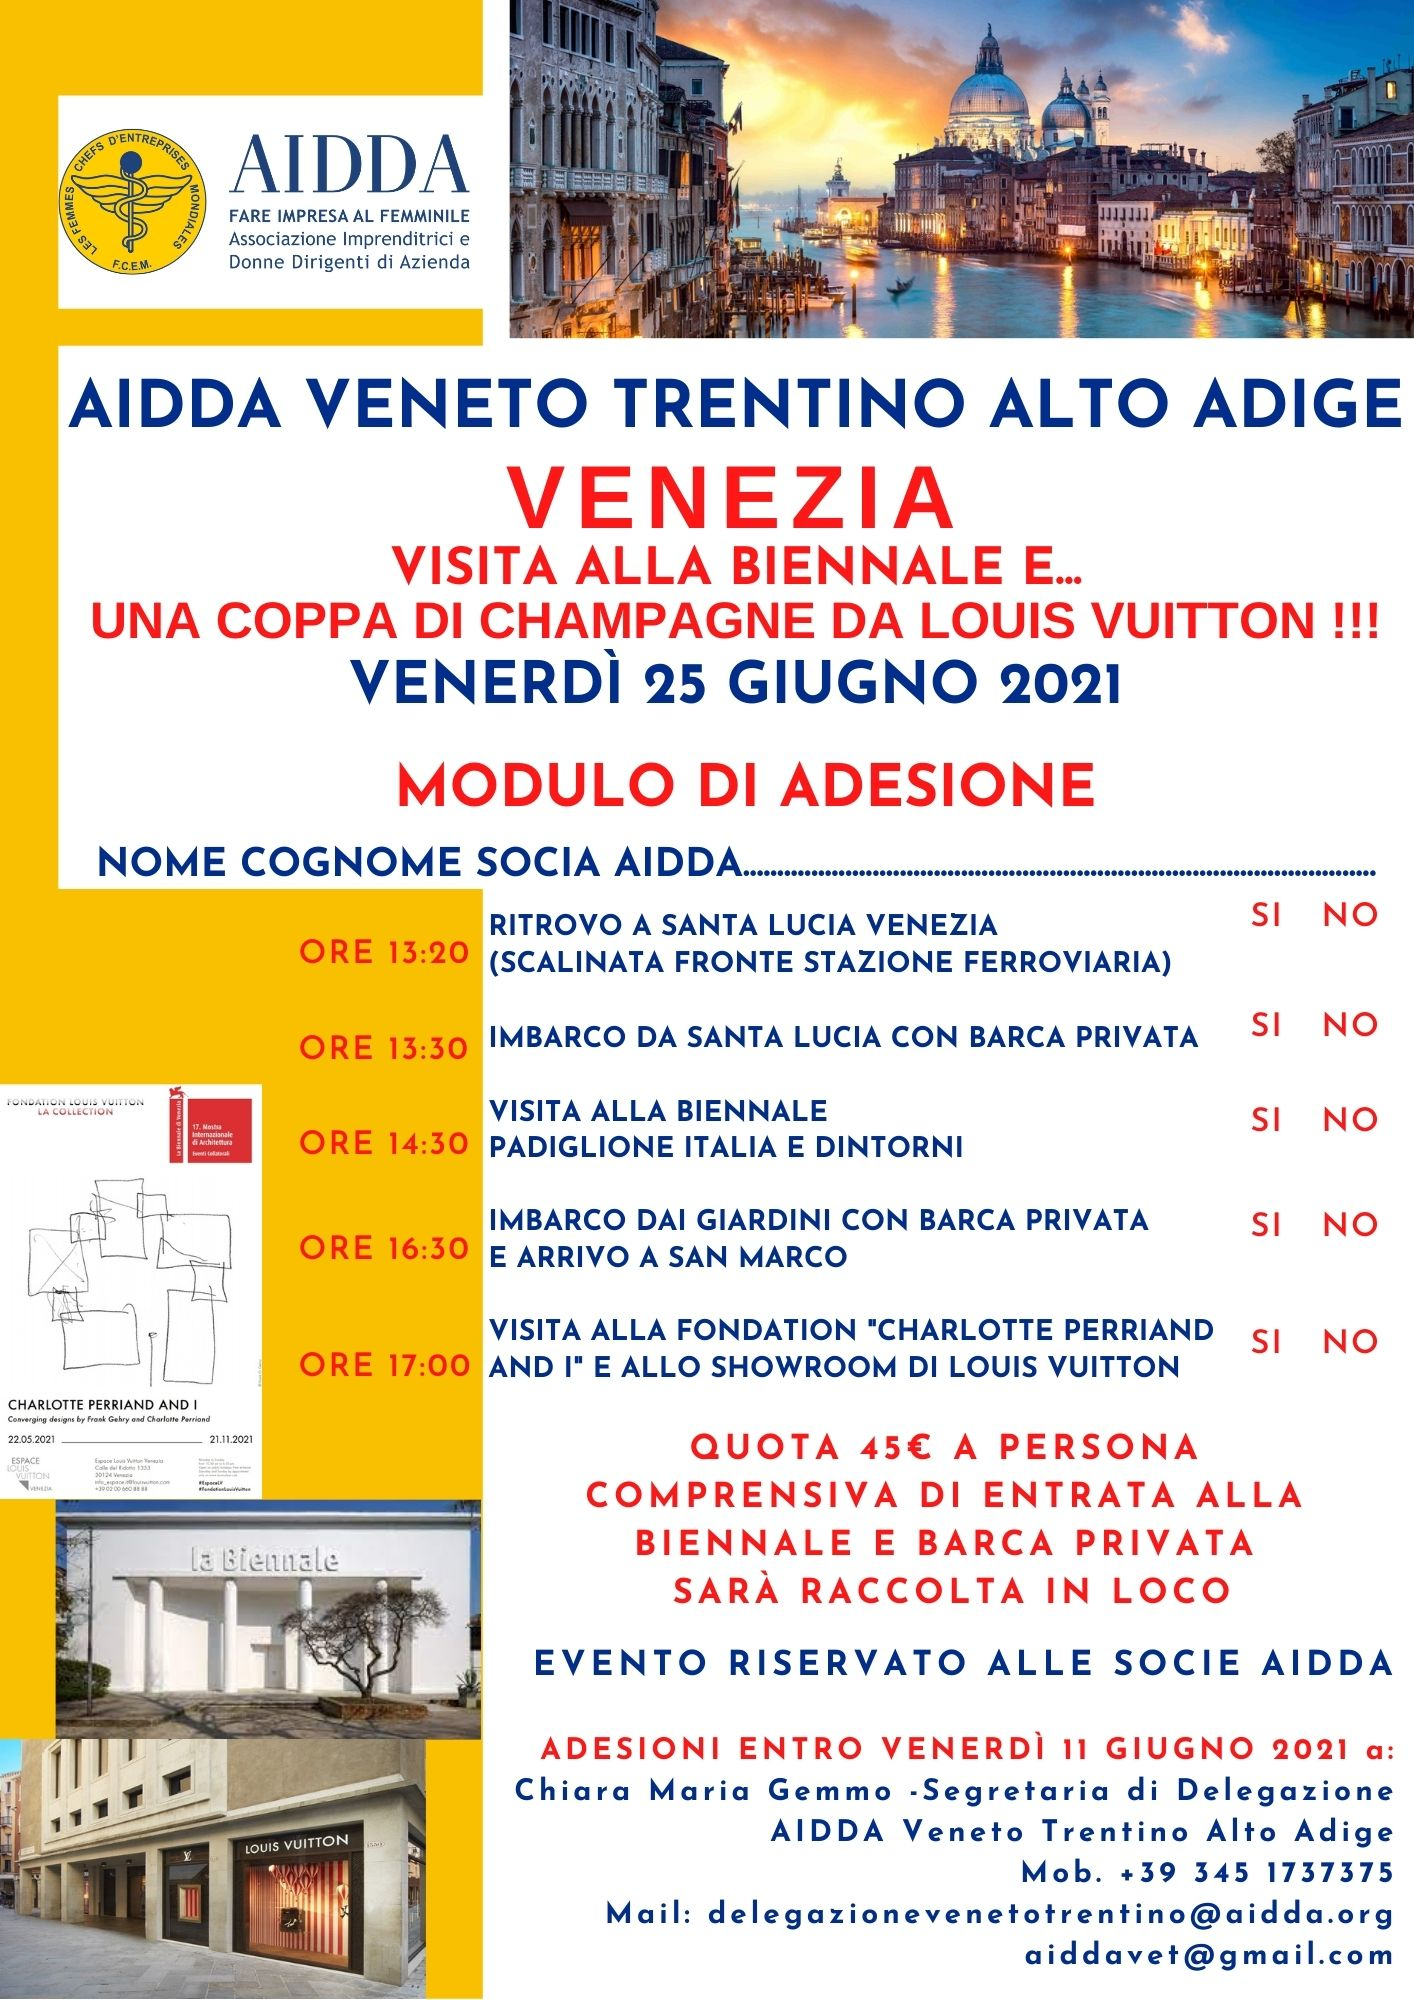 Modulo Adesione - AIDDA VTAA Venezia 25 giugno 2021 .jpg